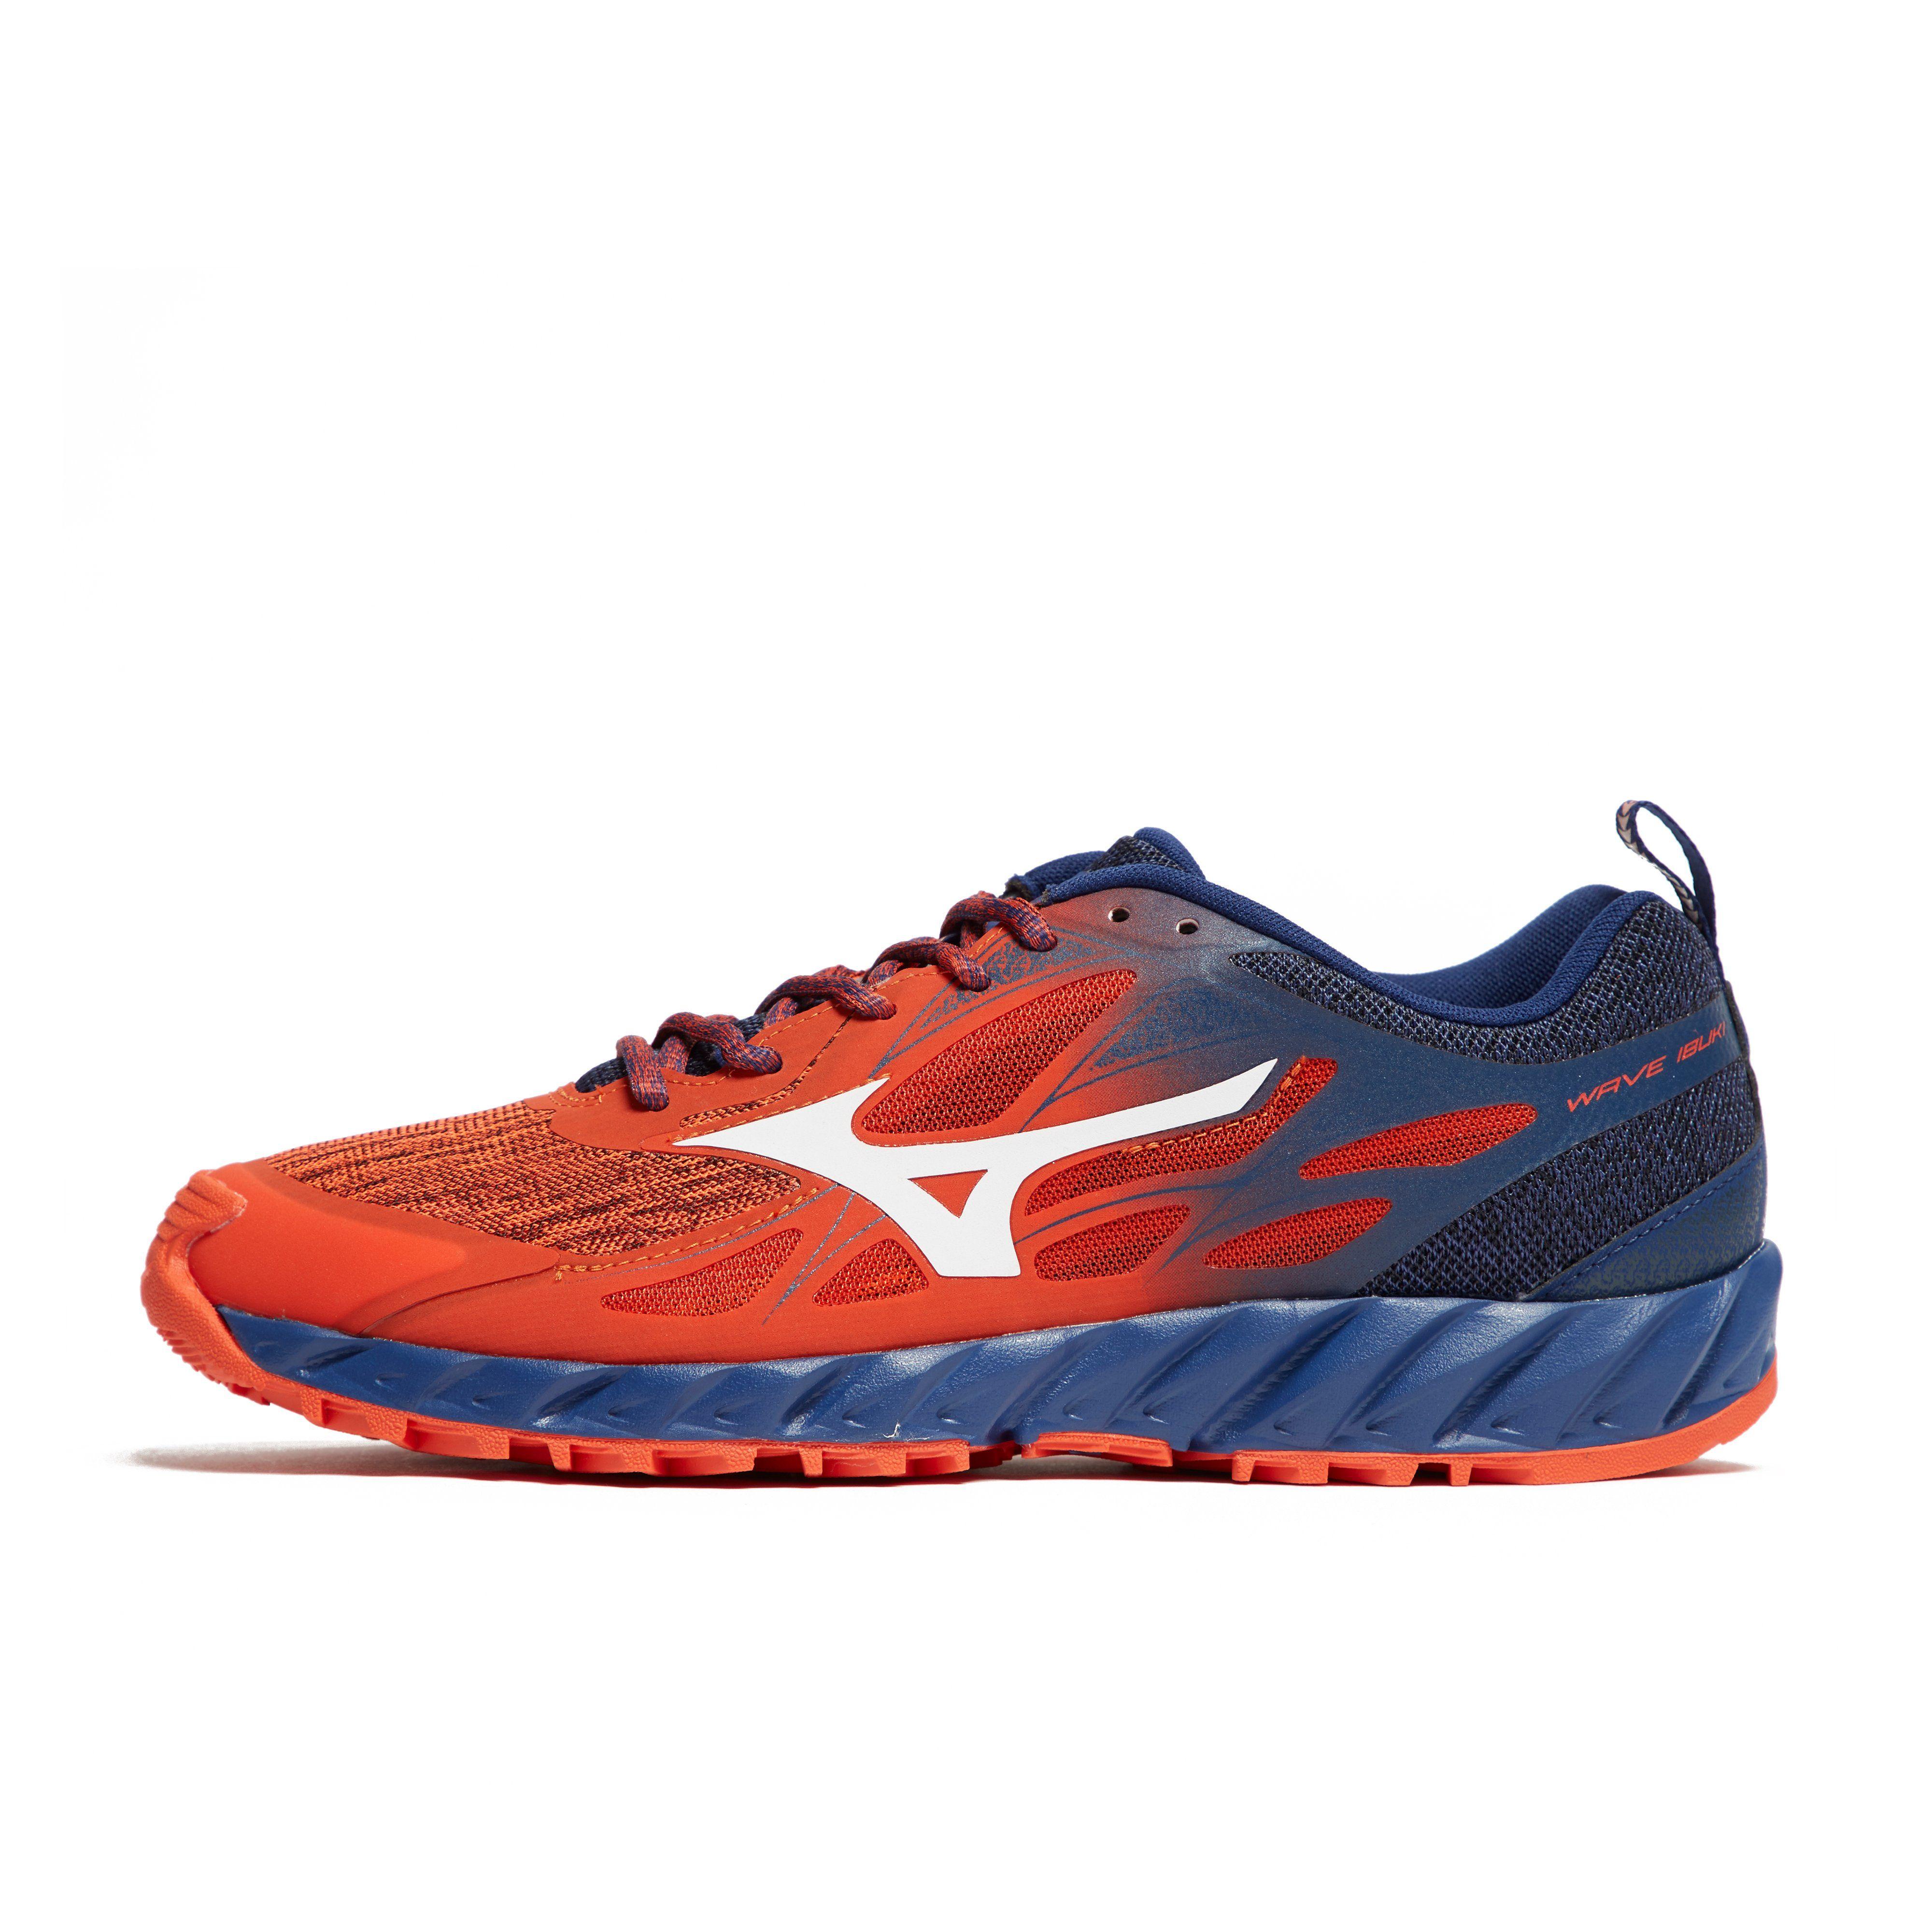 Mizuno Wave Ibuki Men's Trail Running Shoes